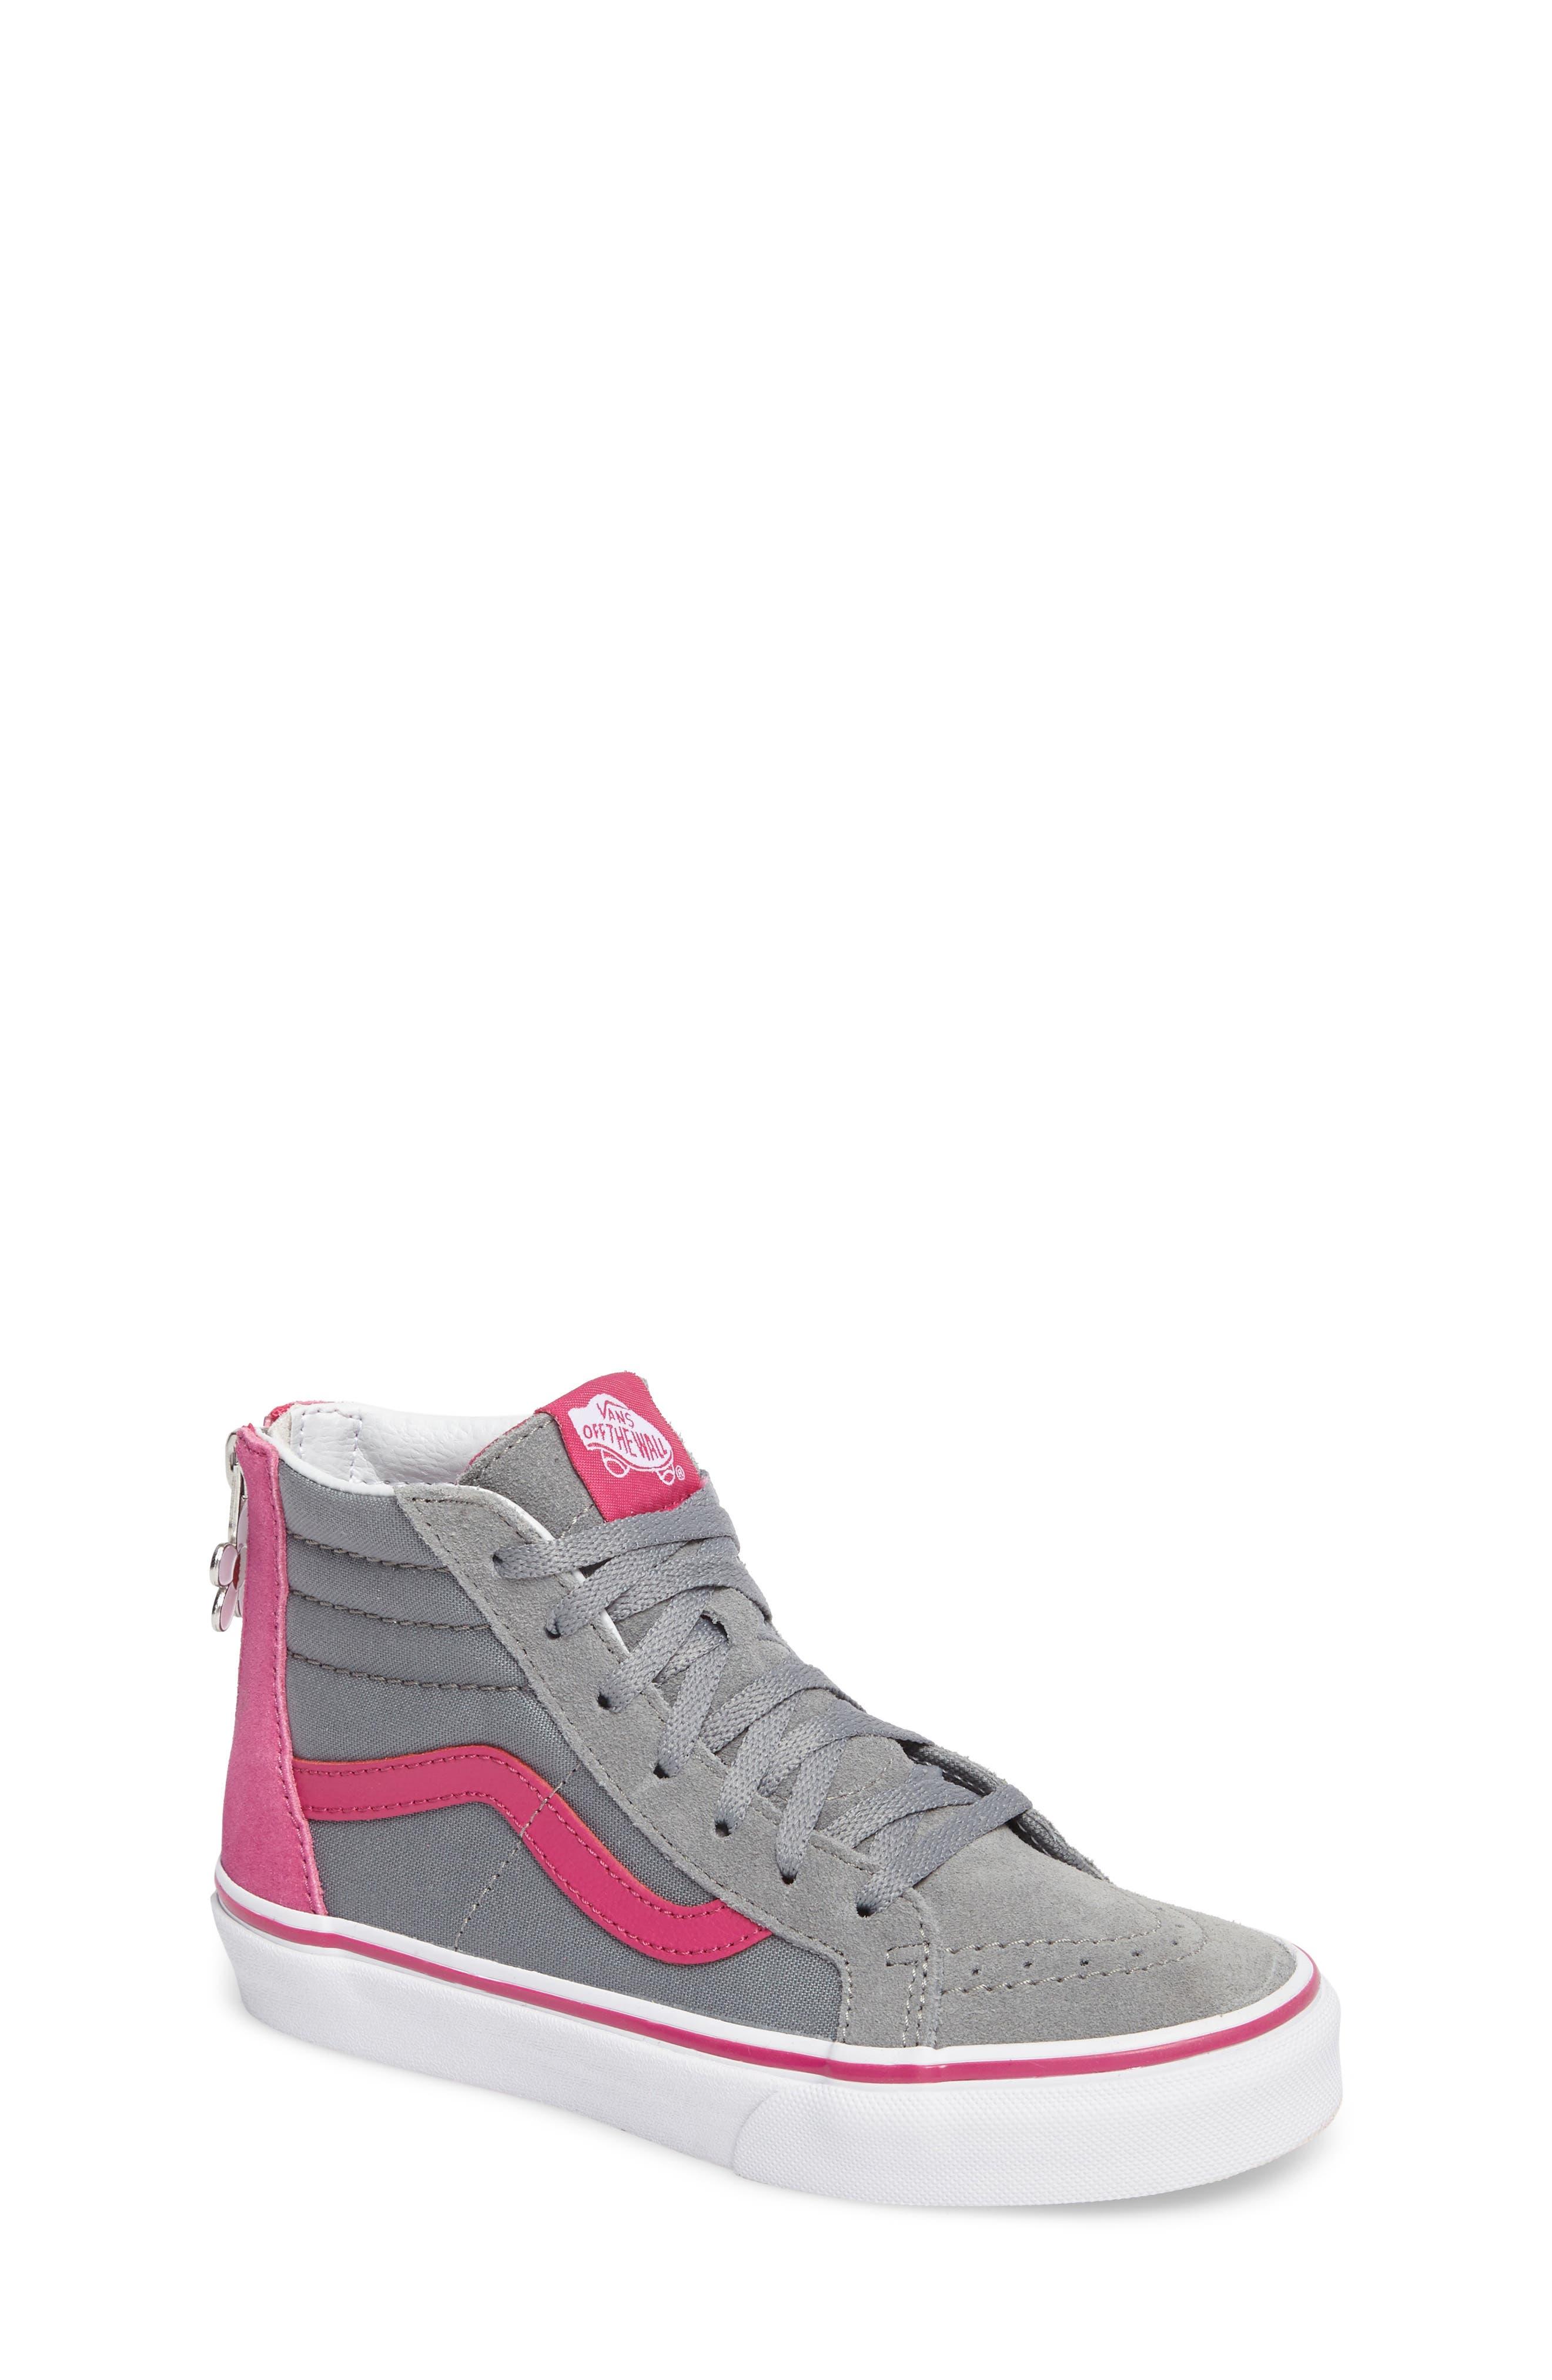 SK8-Hi Zip-Up Sneaker,                             Main thumbnail 1, color,                             650